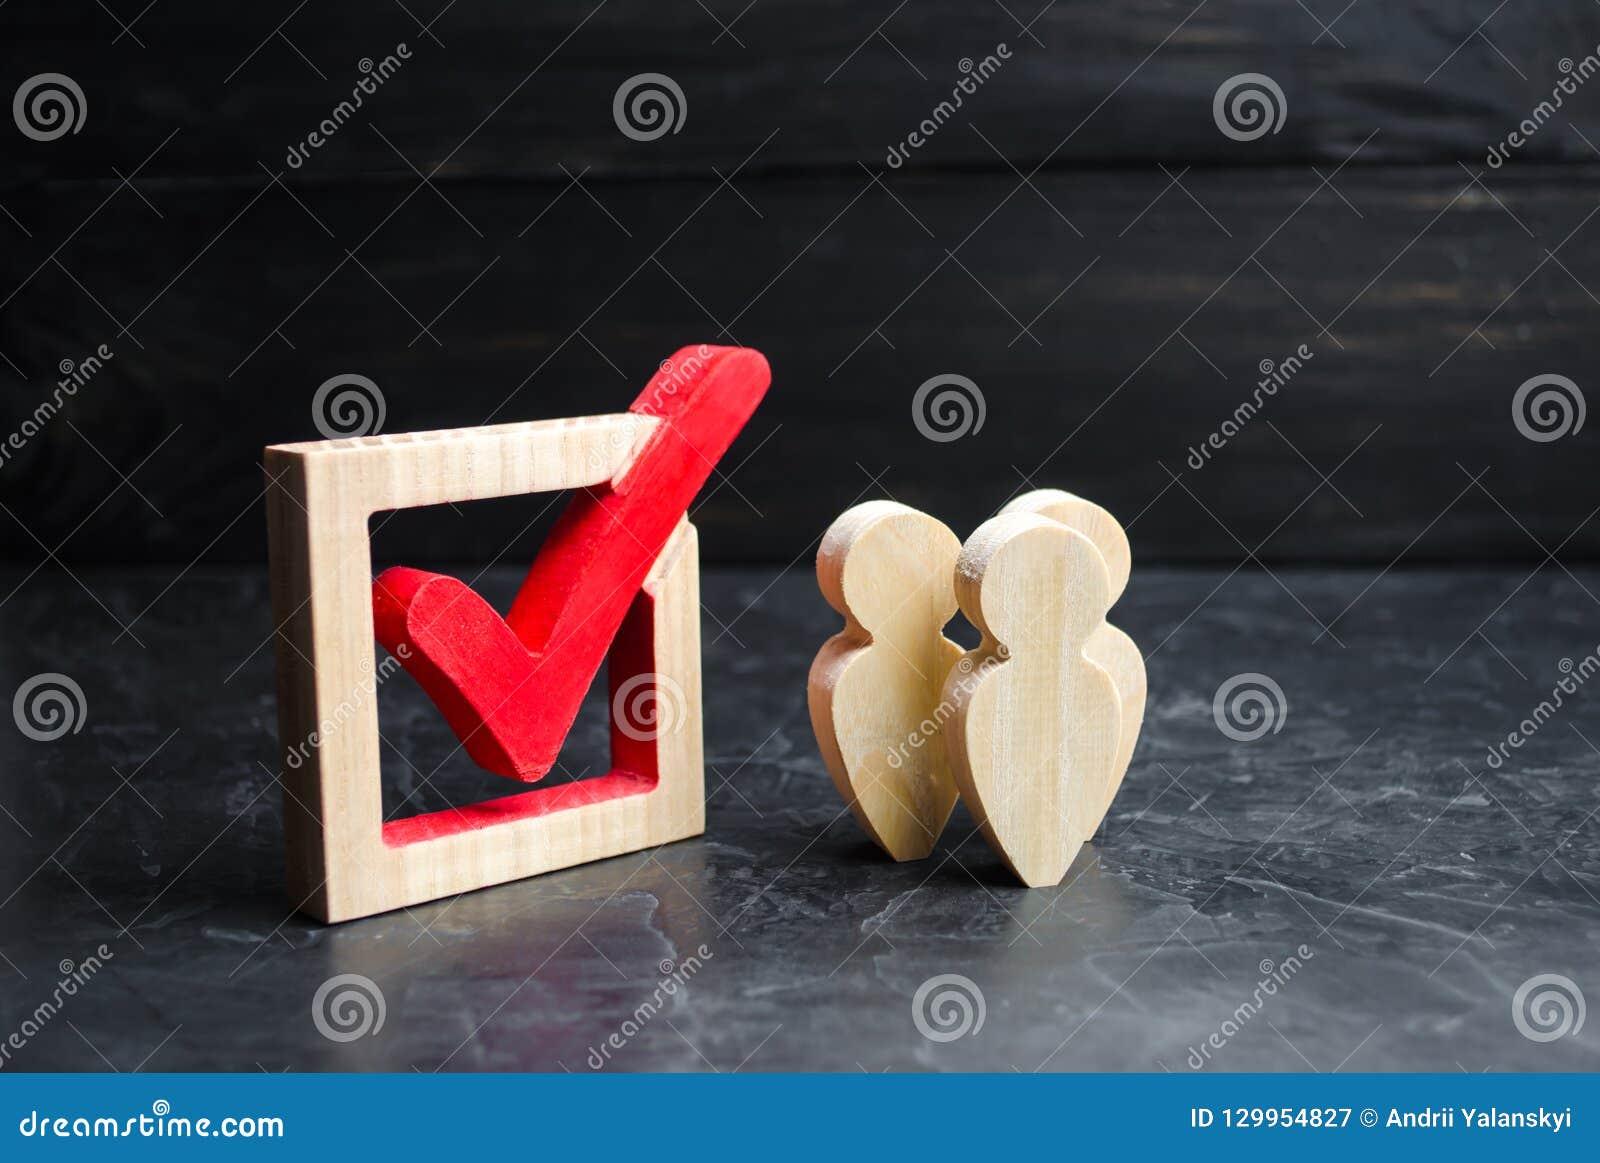 Een groep mensen bevindt zich dichtbij de tik in de doos Concept onderzoek en statistieken Verkiezing of referendum Informatiebed